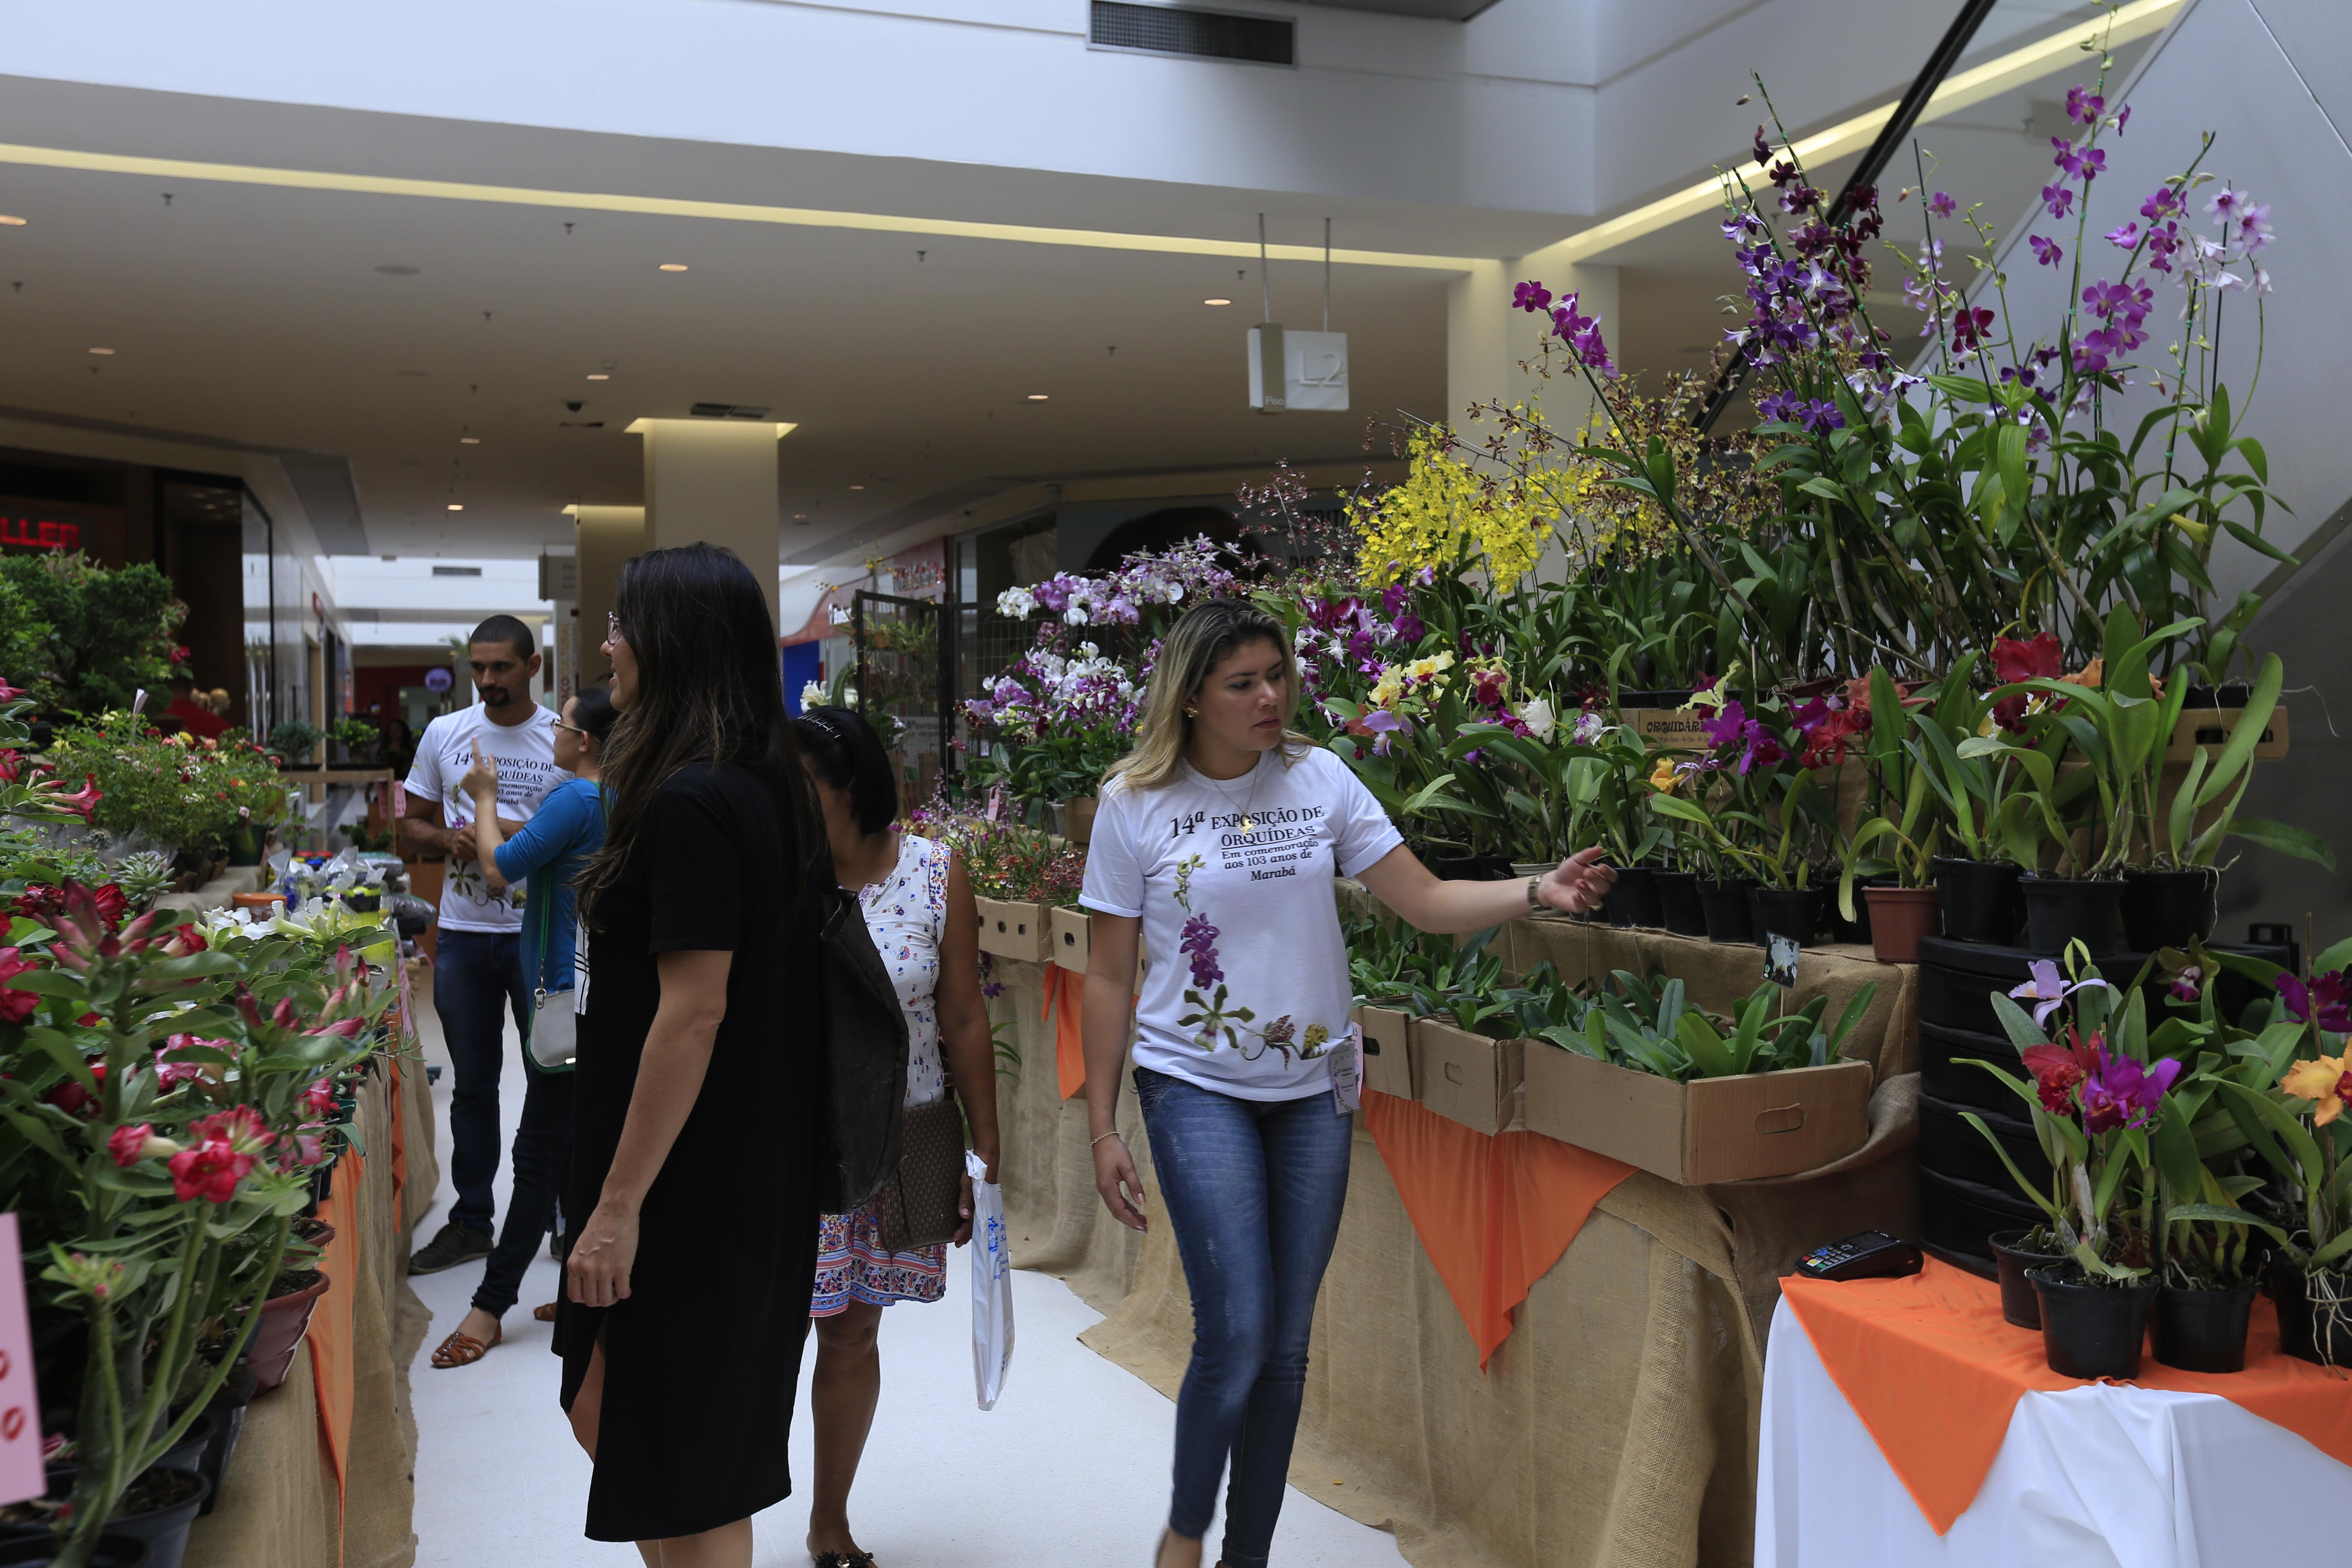 CASA DA CULTURA FARÁ 15º EXPOSIÇÃO DE ORQUÍDEAS NO ANIVERSÁRIO DE MARABÁ